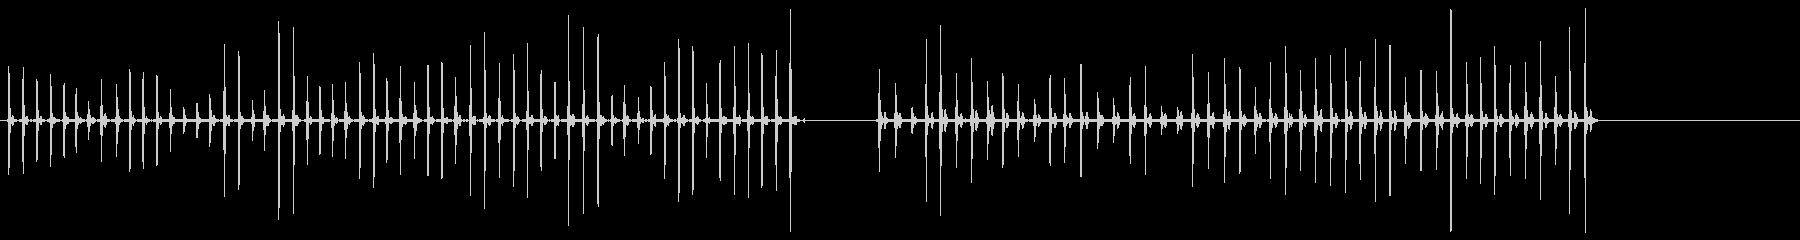 ステップ-ストンプ-動物-人工-2...の未再生の波形